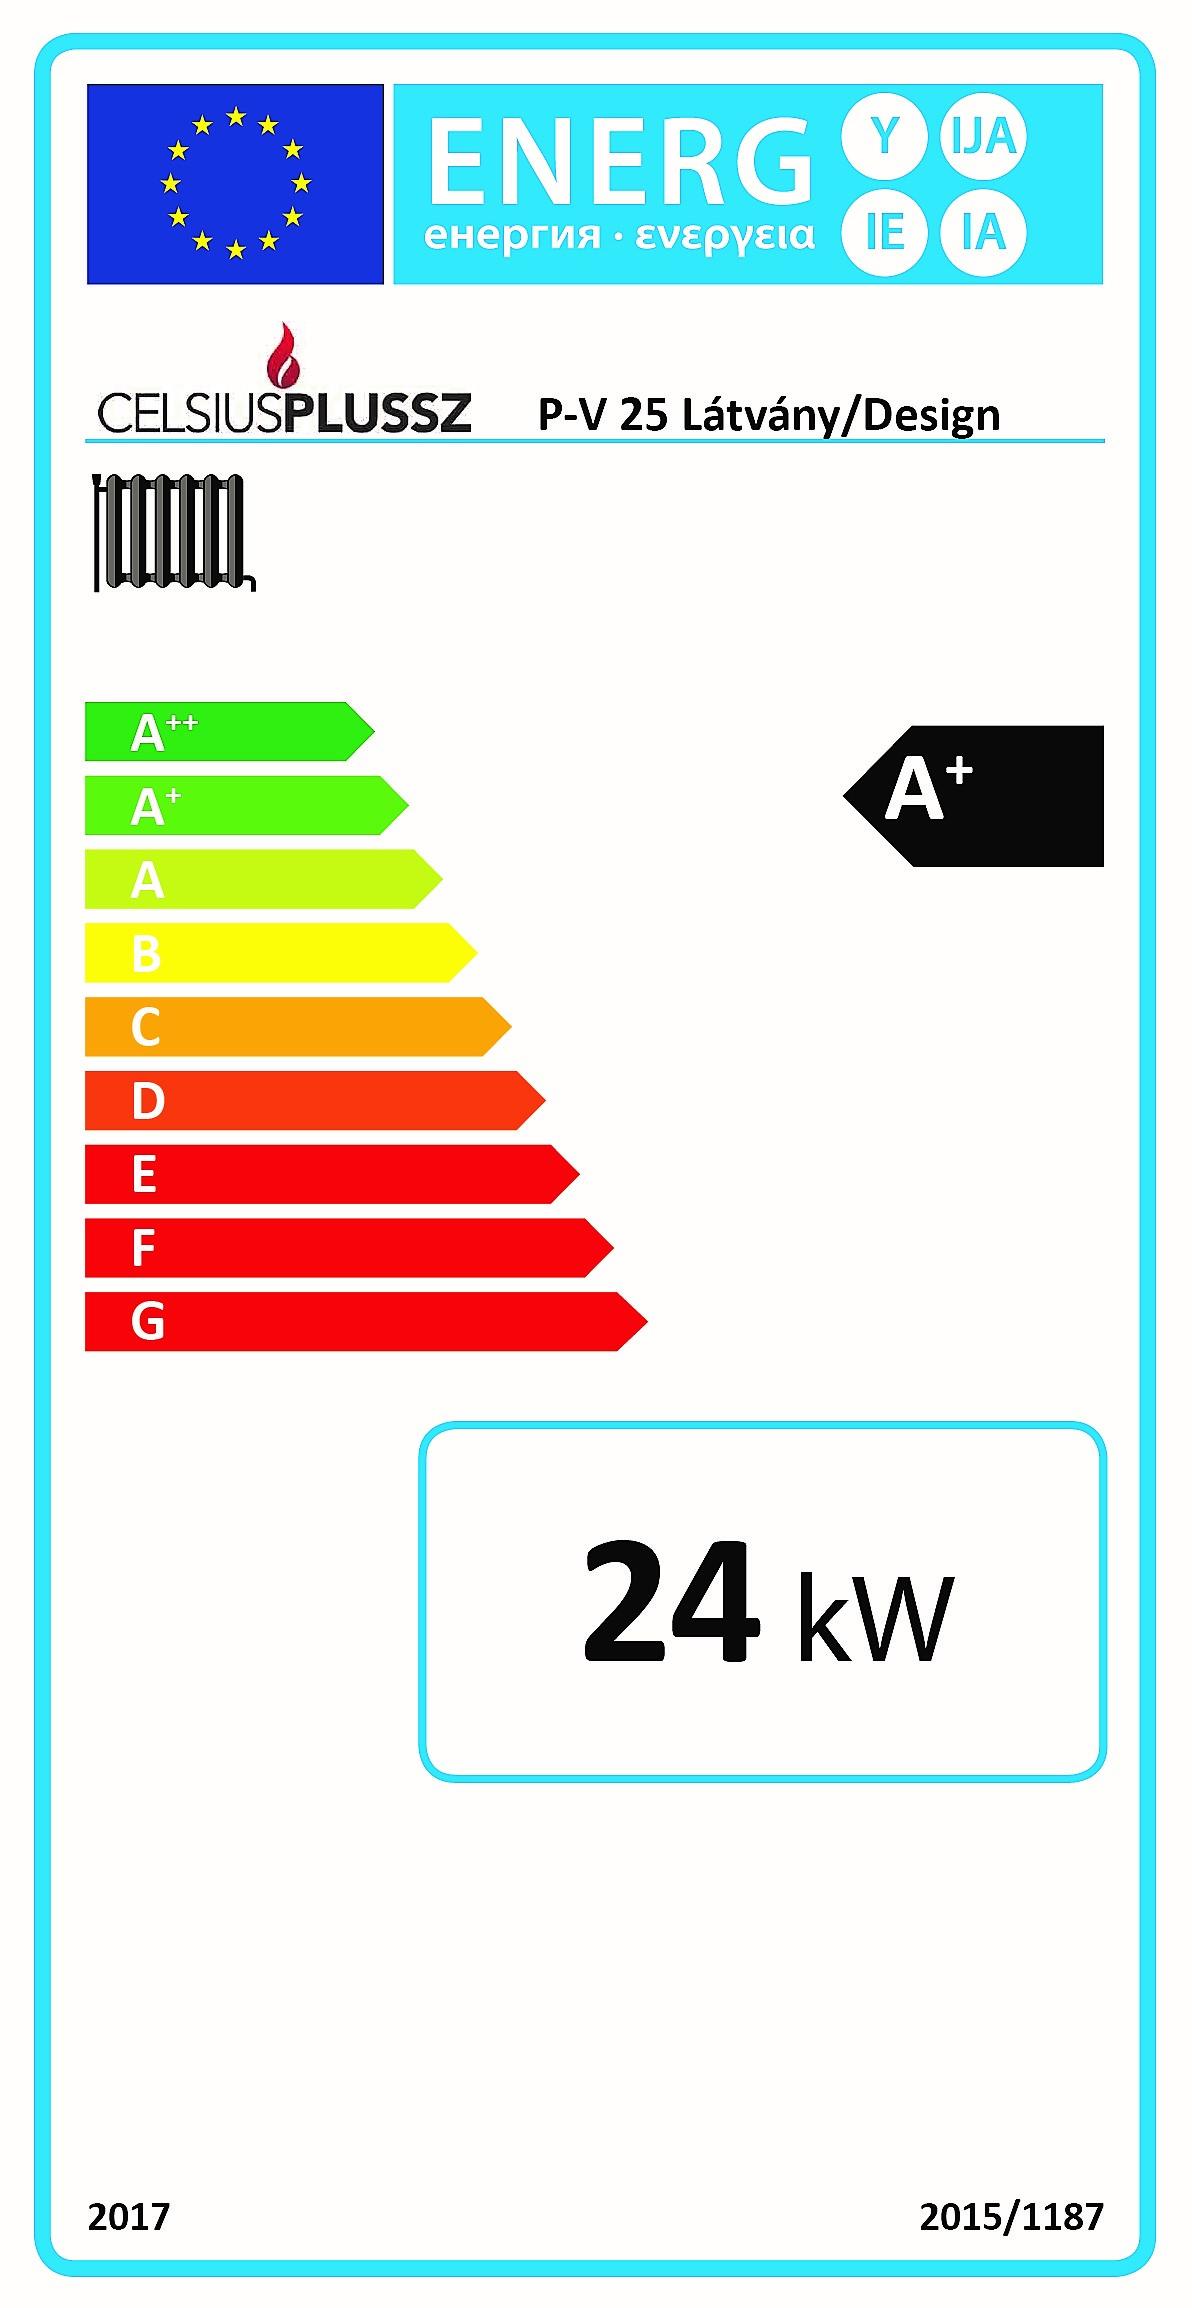 Celsius P-V 25 design energiacímke